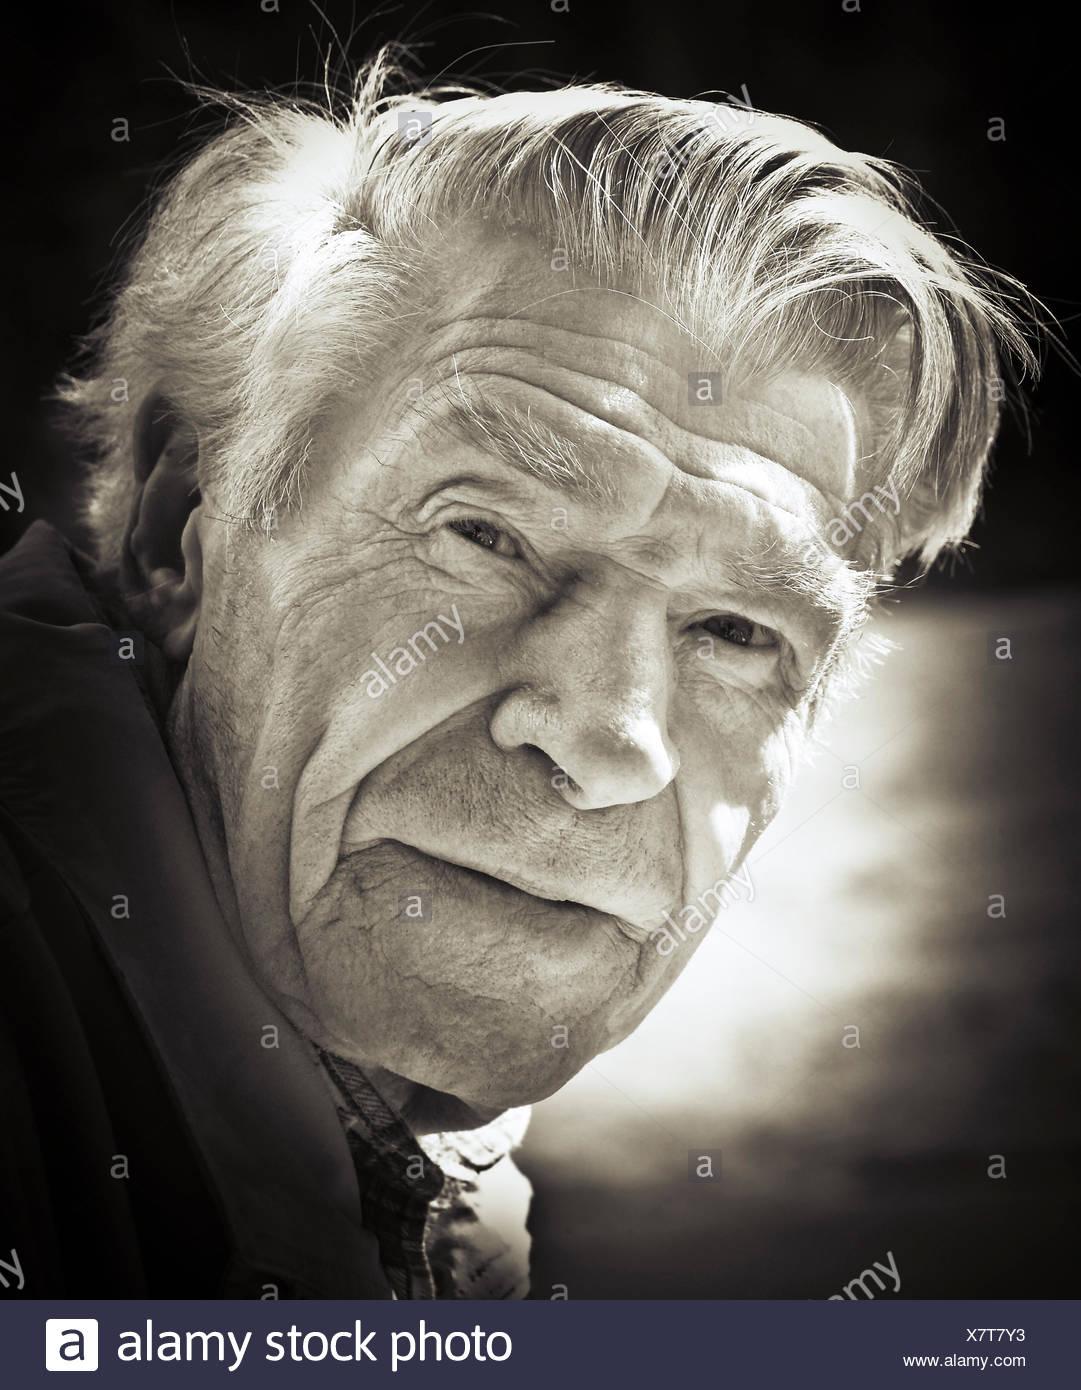 L'homme, senior, retraité, portrait, 70-80 ans, b/w Photo Stock